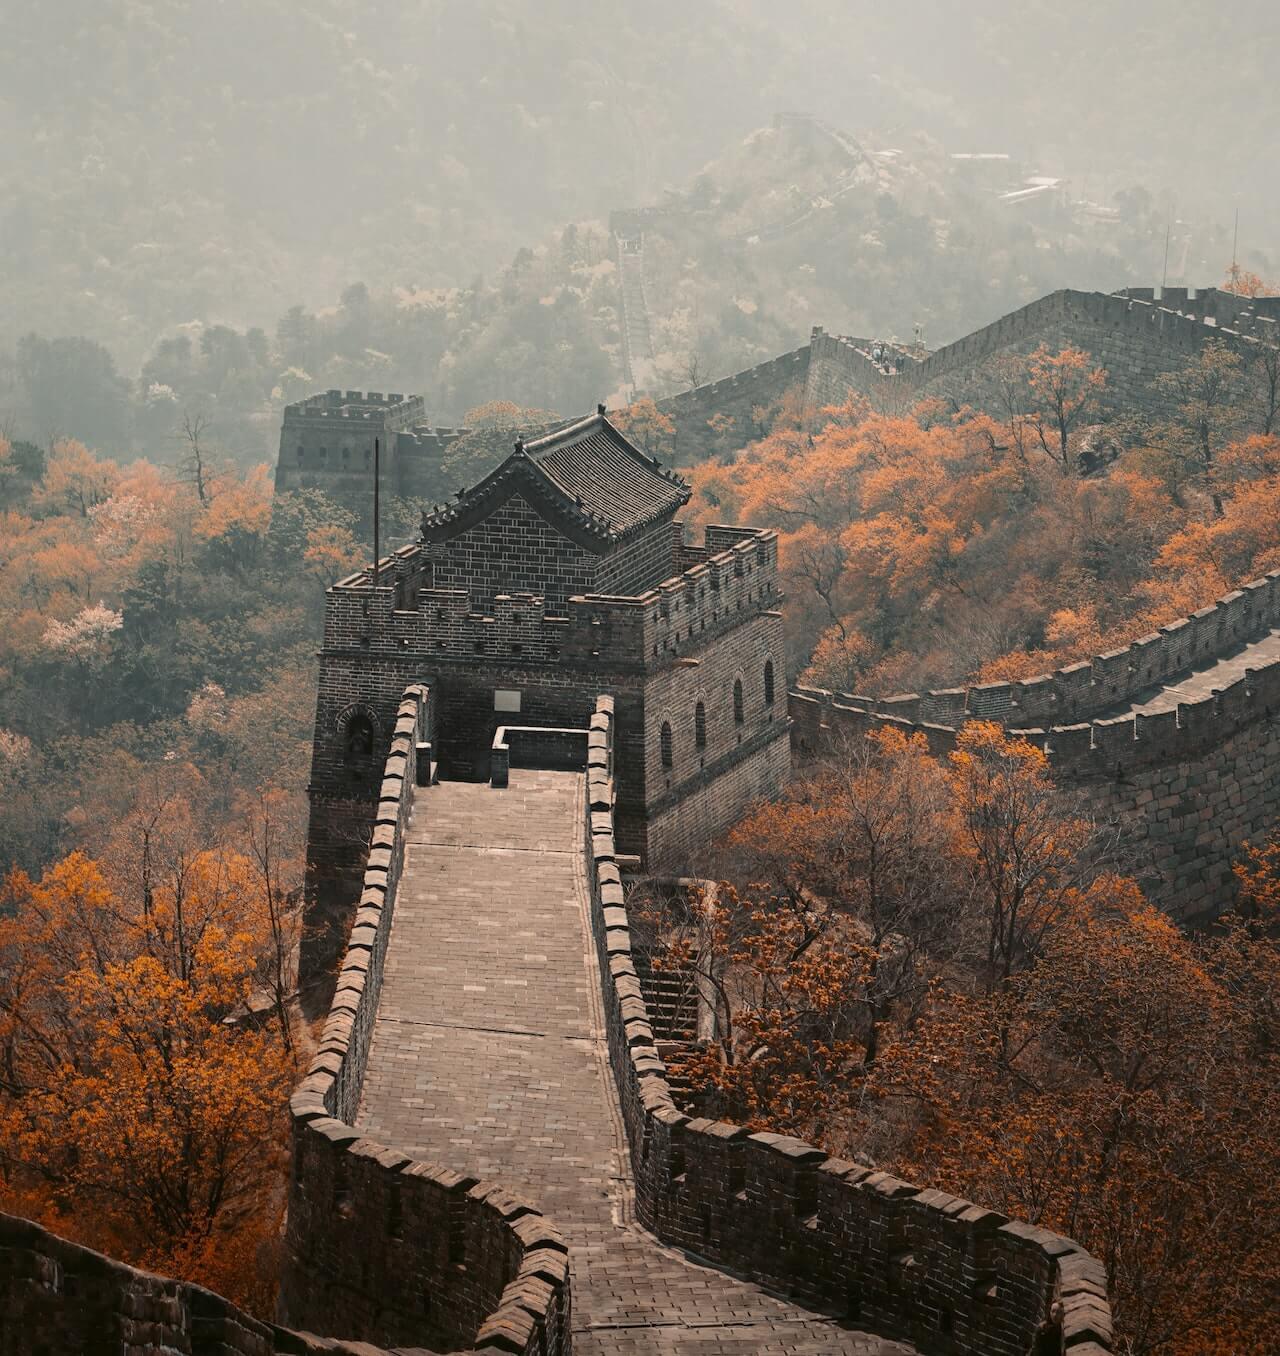 meilleur moment pour visiter la muraille de chine